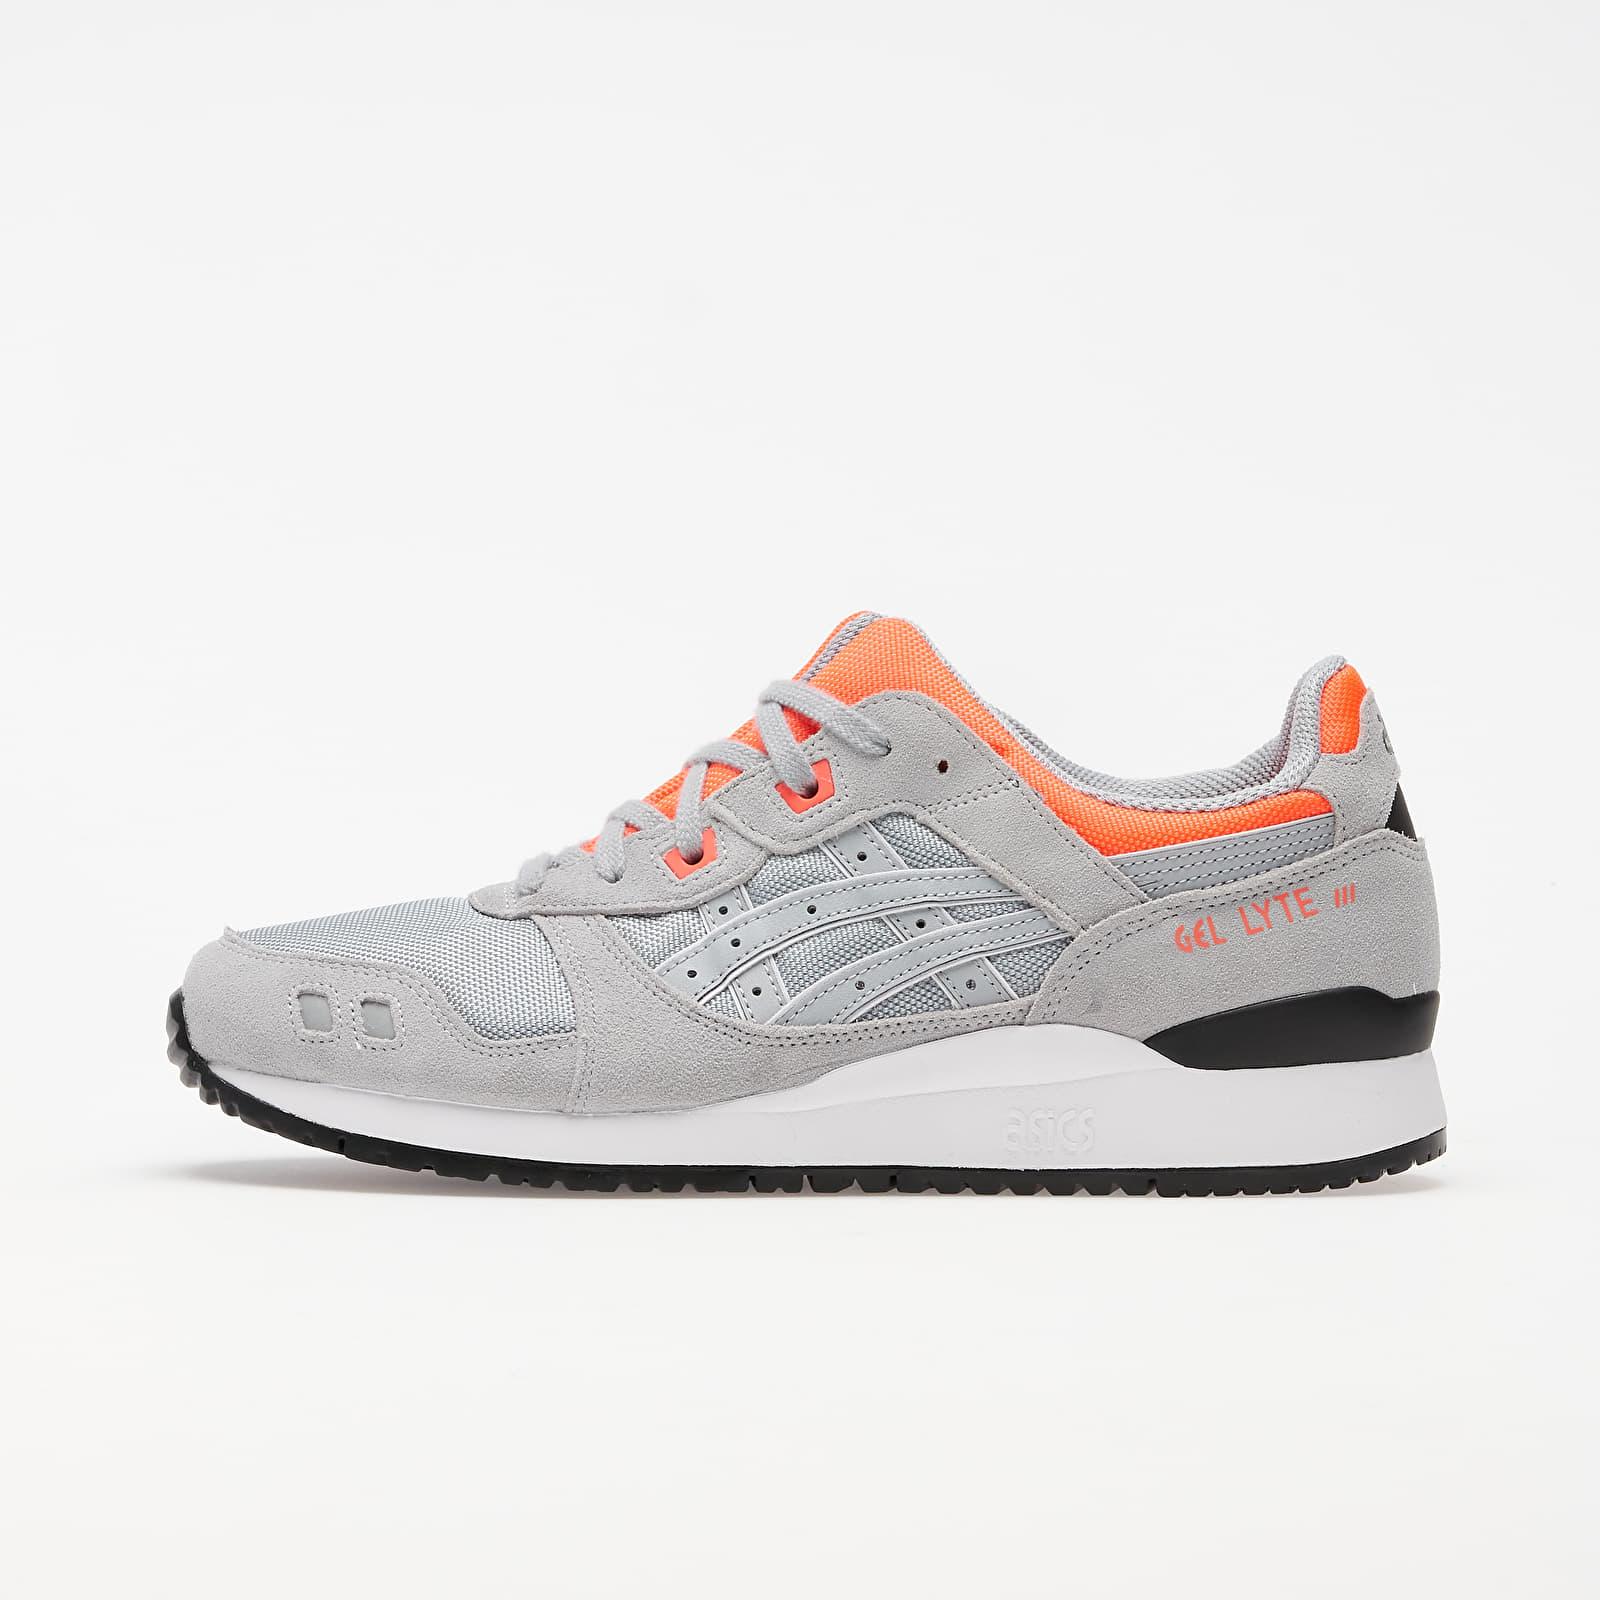 Pánske tenisky a topánky Asics Gel Lyte III OG Piedmont Grey/ Piedmont Grey